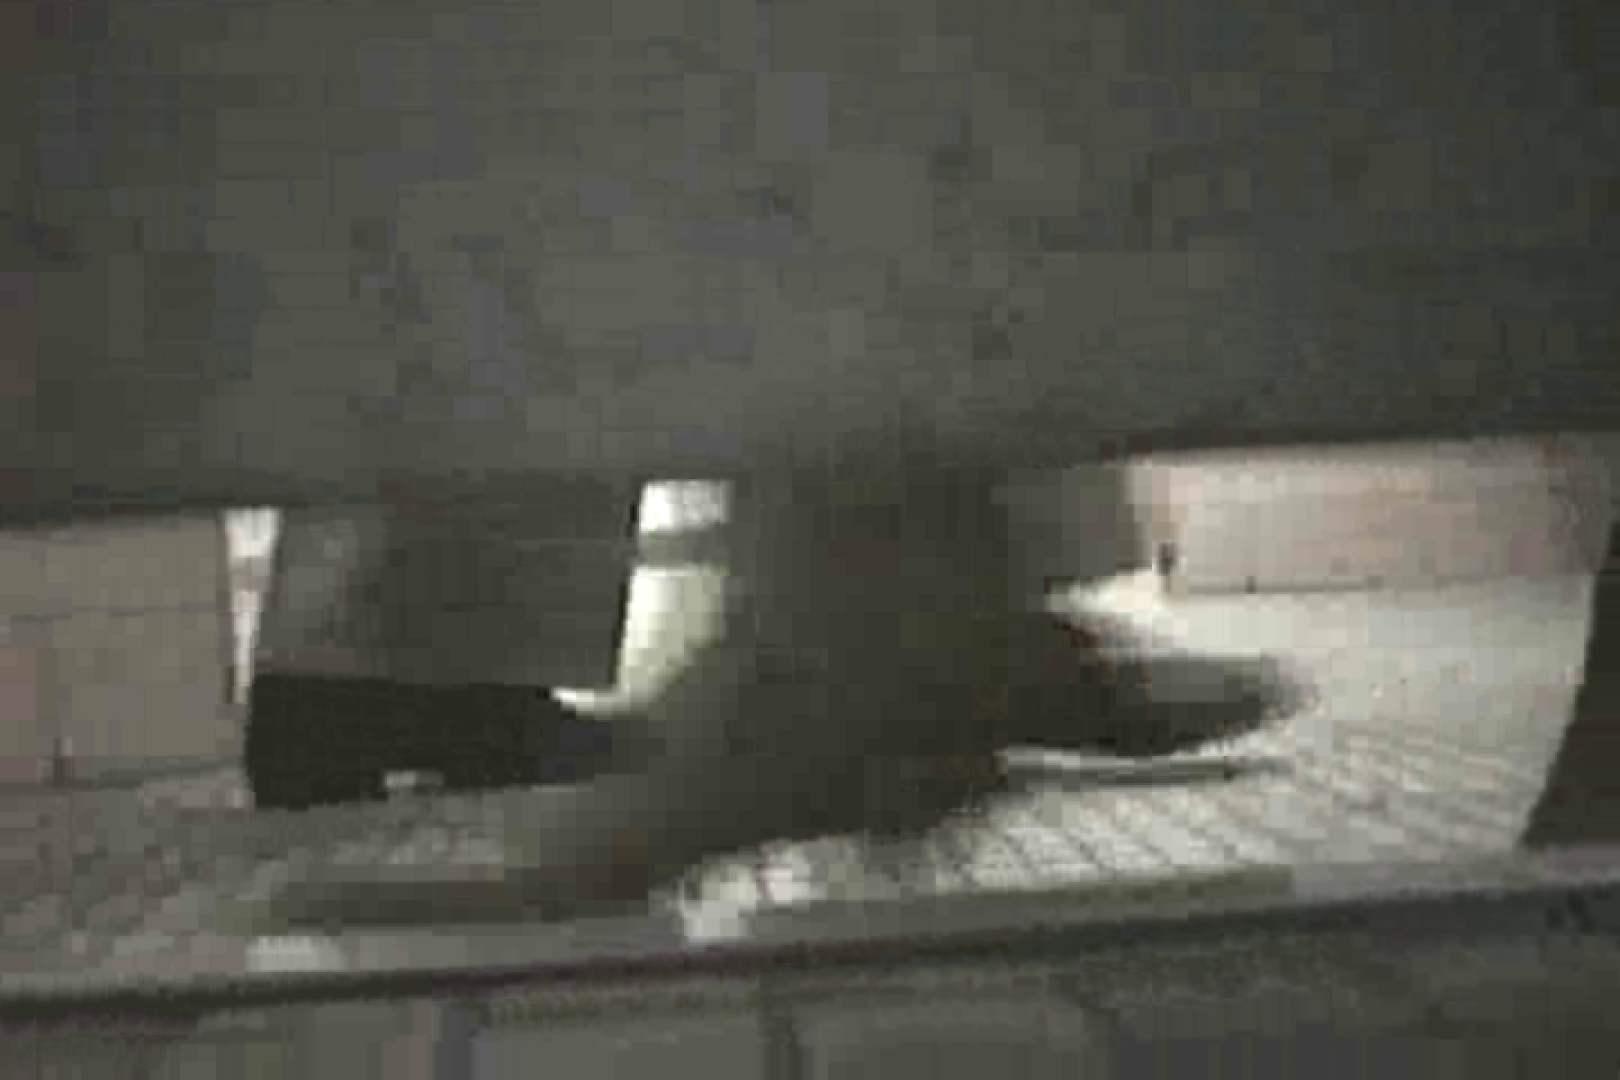 プロには撮れない女子洗面所の内部 TK-70 独占盗撮 ぱこり動画紹介 79連発 55